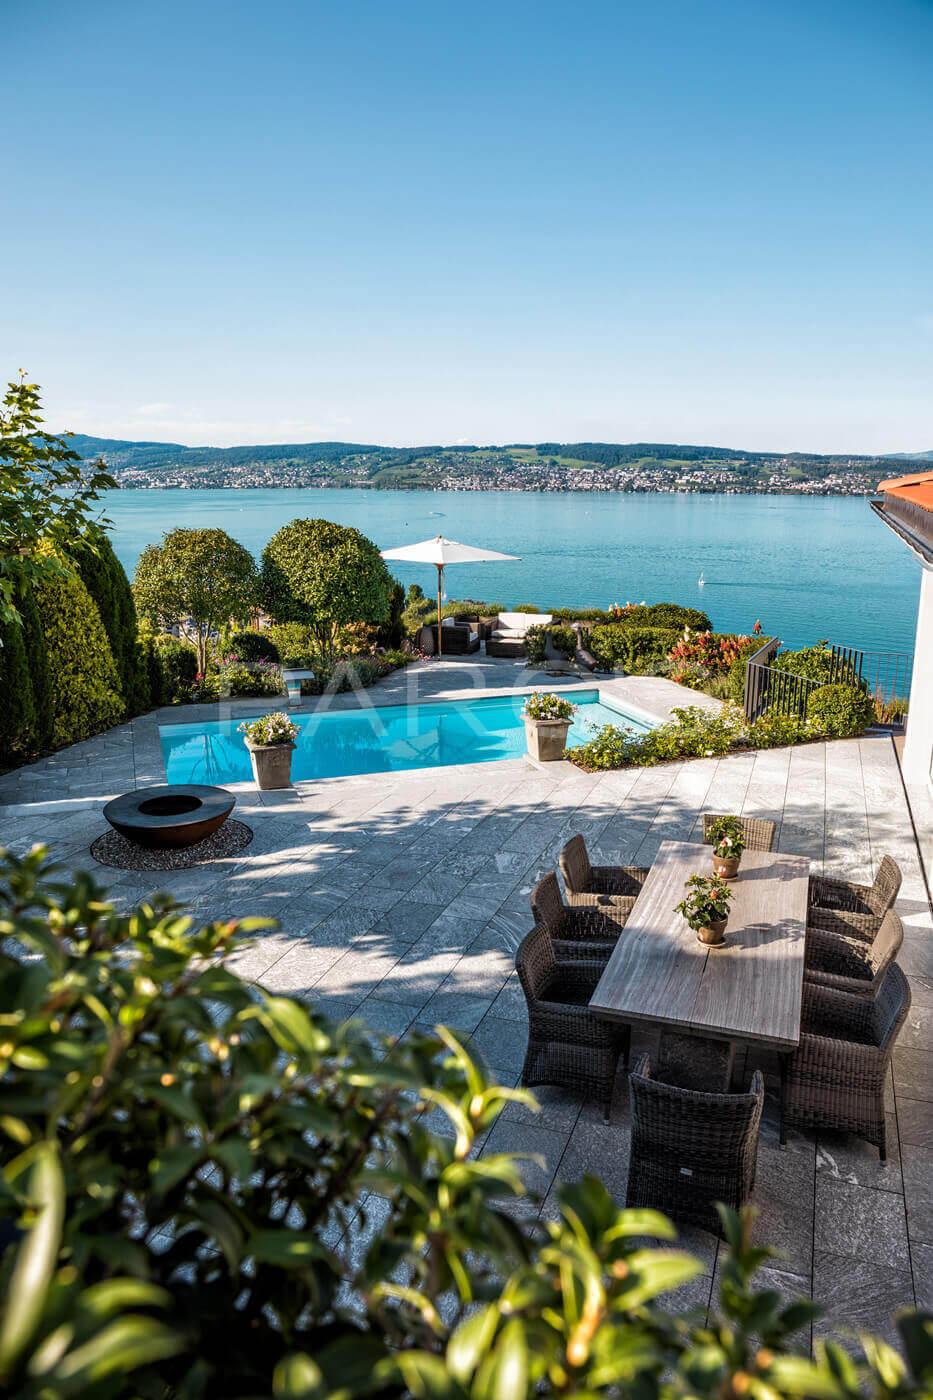 Garten Mit Pool Und Seesicht 1